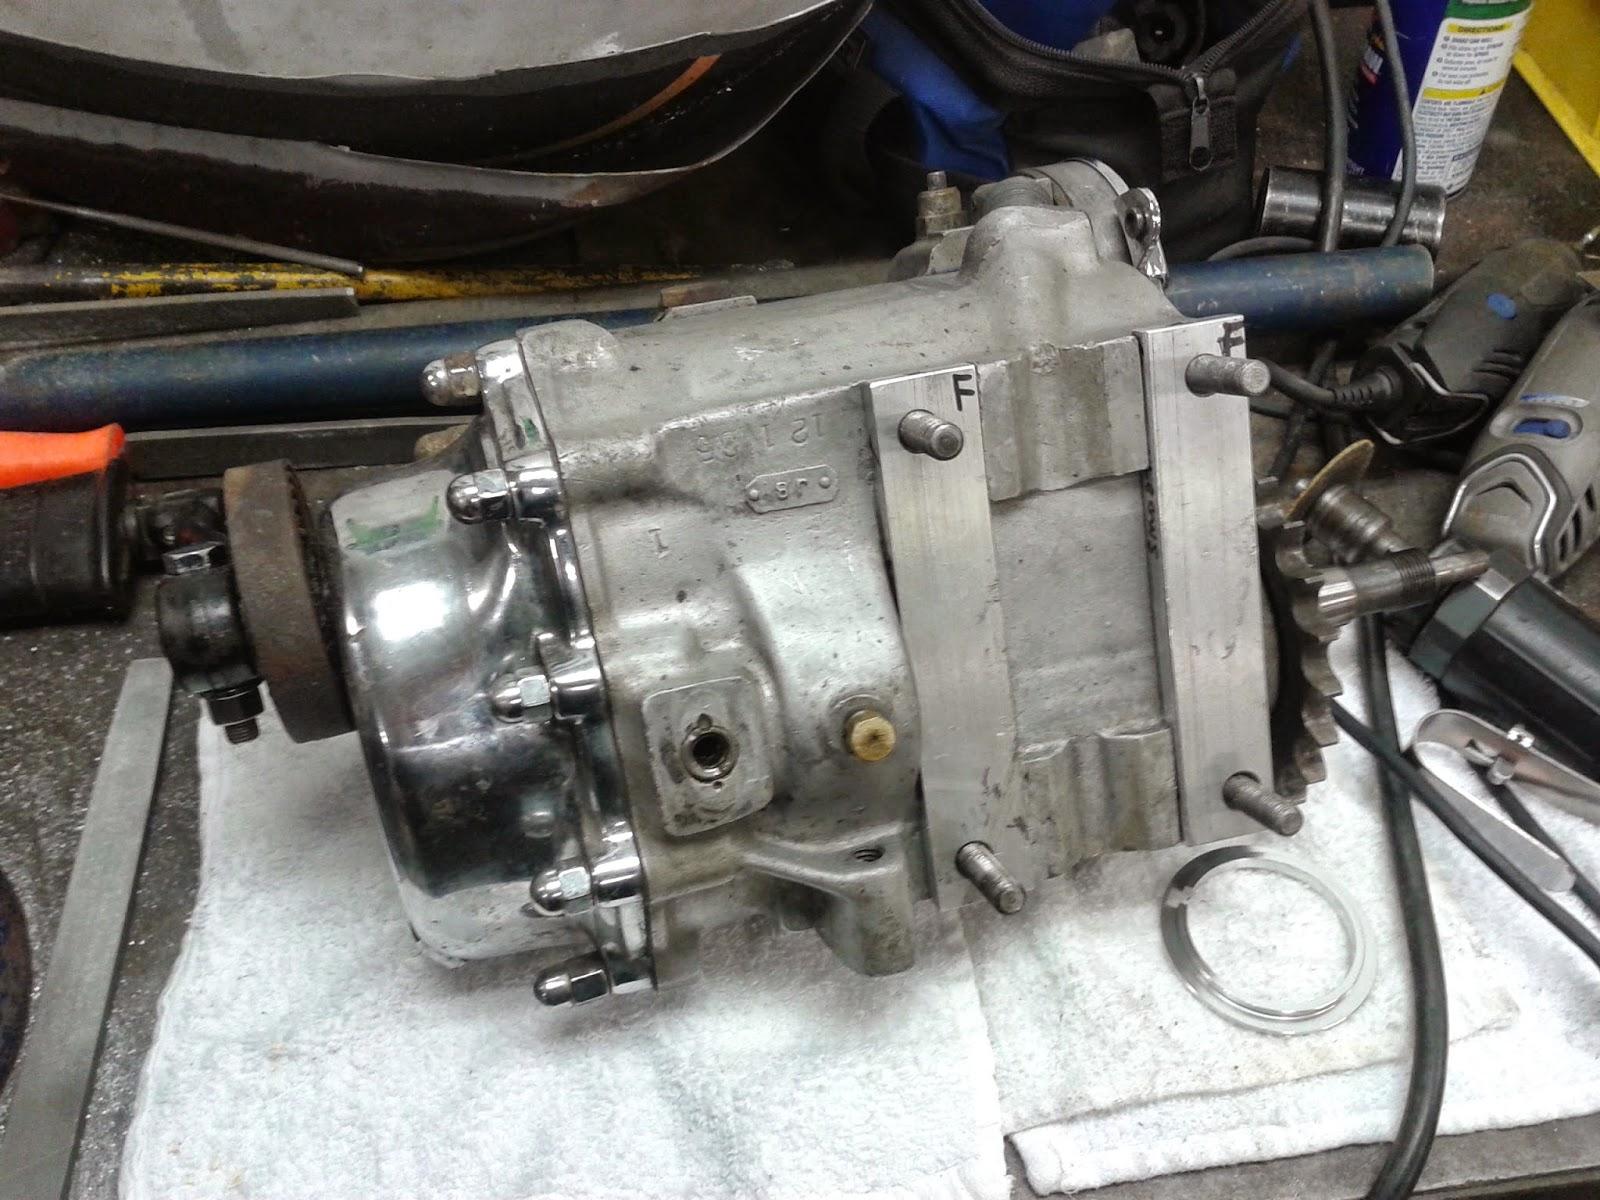 Harley Davidson Transmission: GANGSTER CHOPPERS: 1948 Harley Davidson 4 Speed Transmission